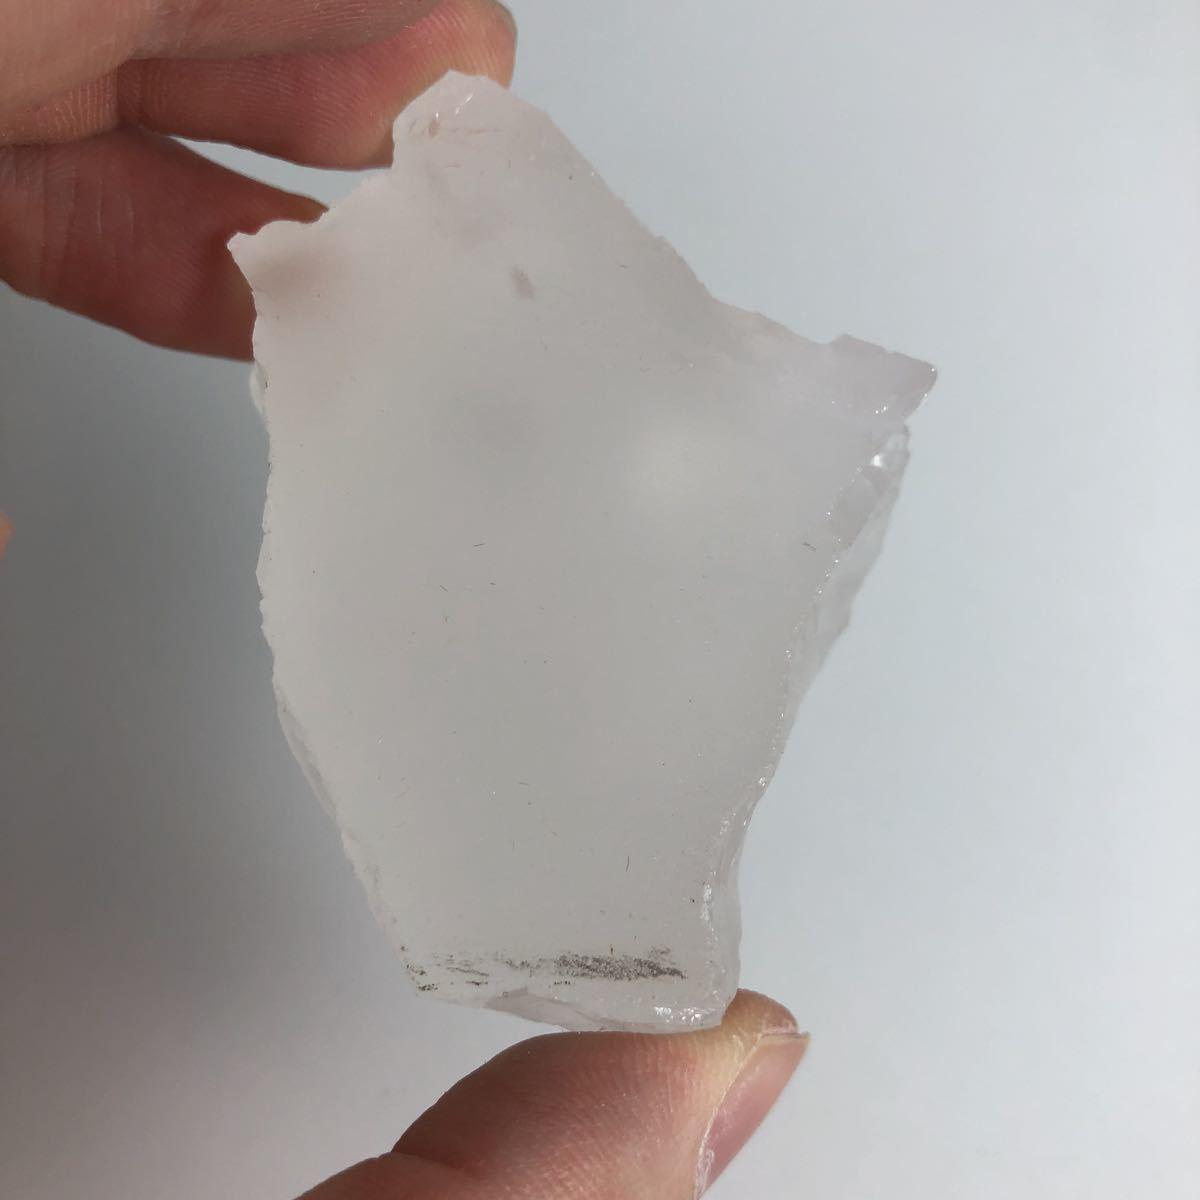 NO:4743 メタモルフォーシス 水晶 ミルキークォーツ ジラソルクォーツ ミルキー ジラソル クォーツ 天然石 原石 パワーストーン 鉱物_画像7